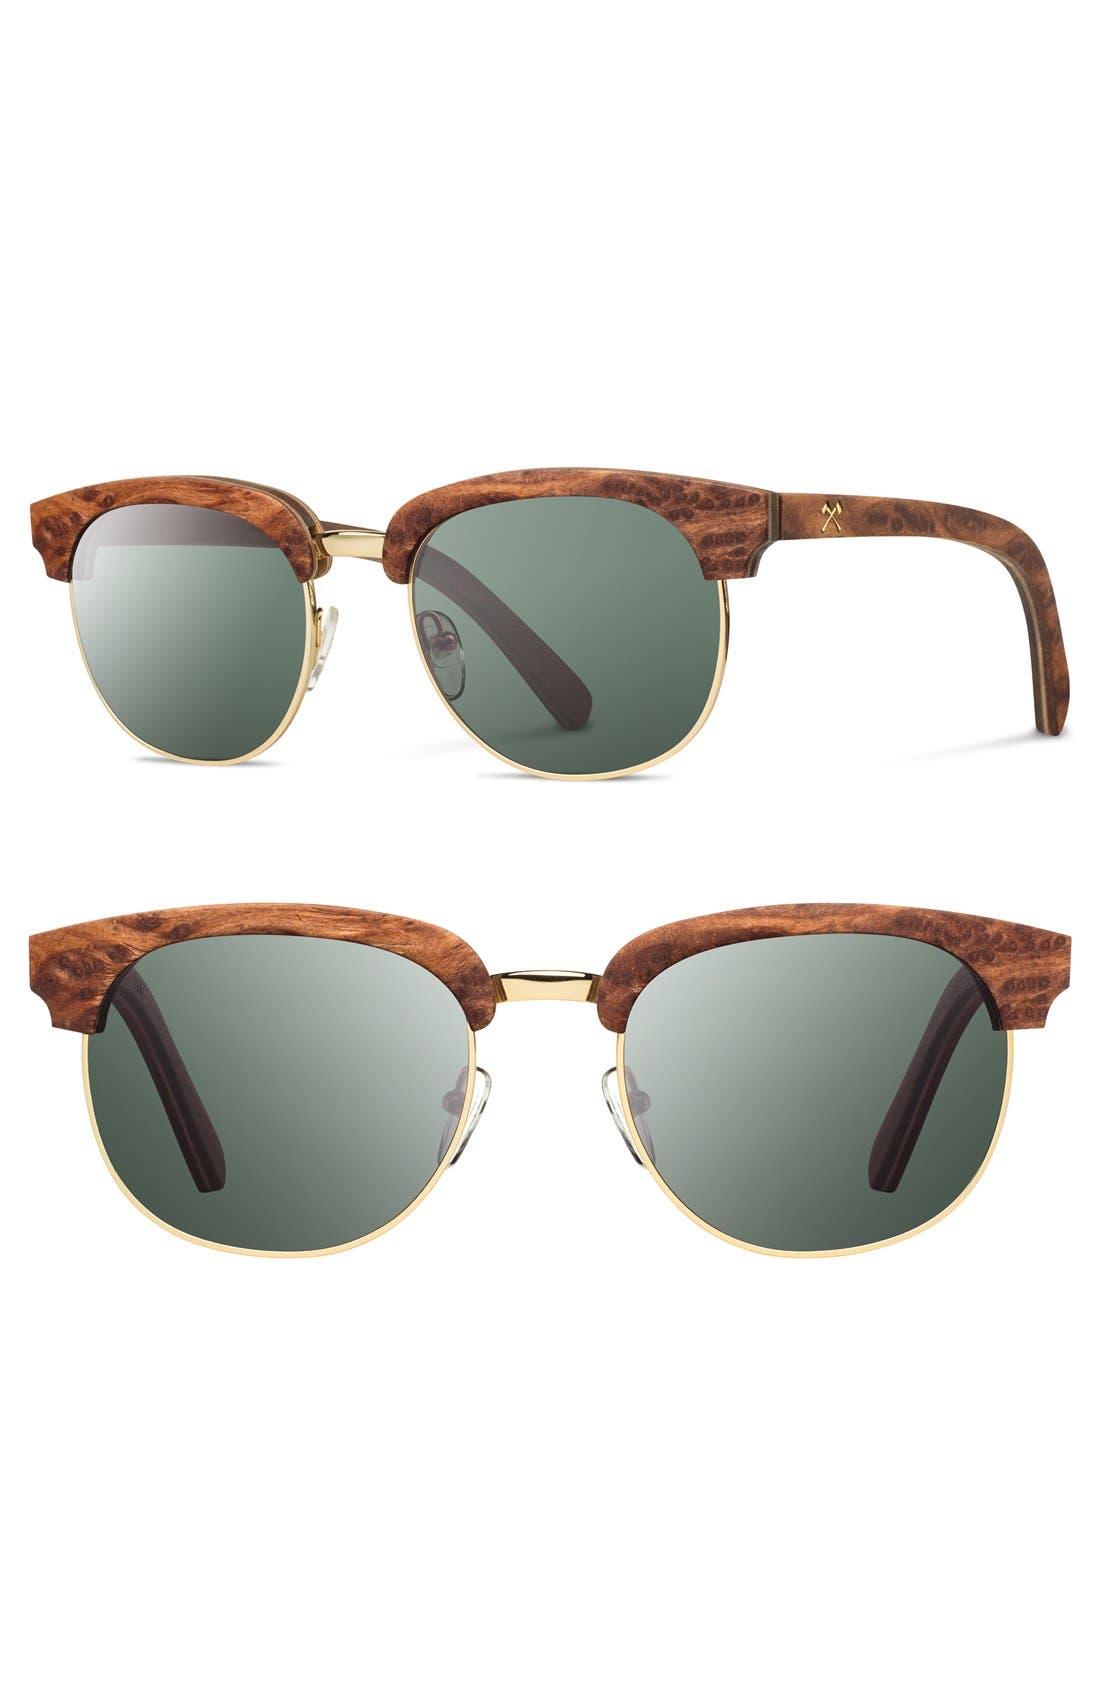 Alternate Image 1 Selected - Shwood 'Eugene' 54mm Polarized Wood Sunglasses